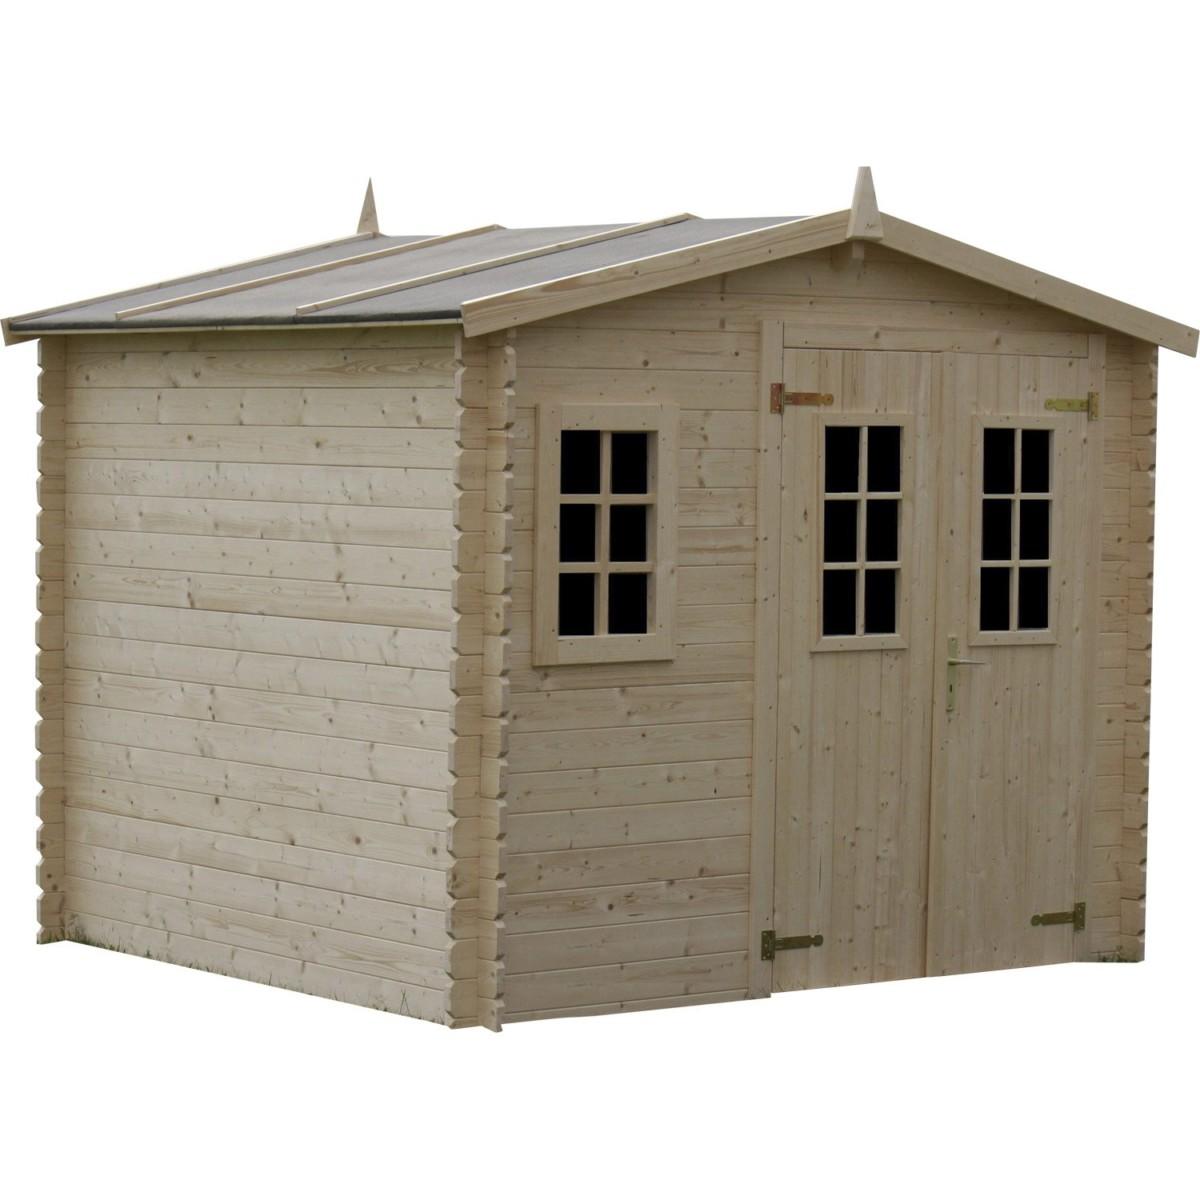 Abri de jardin en bois Luby, 5.48 m², ép. 28 mm |